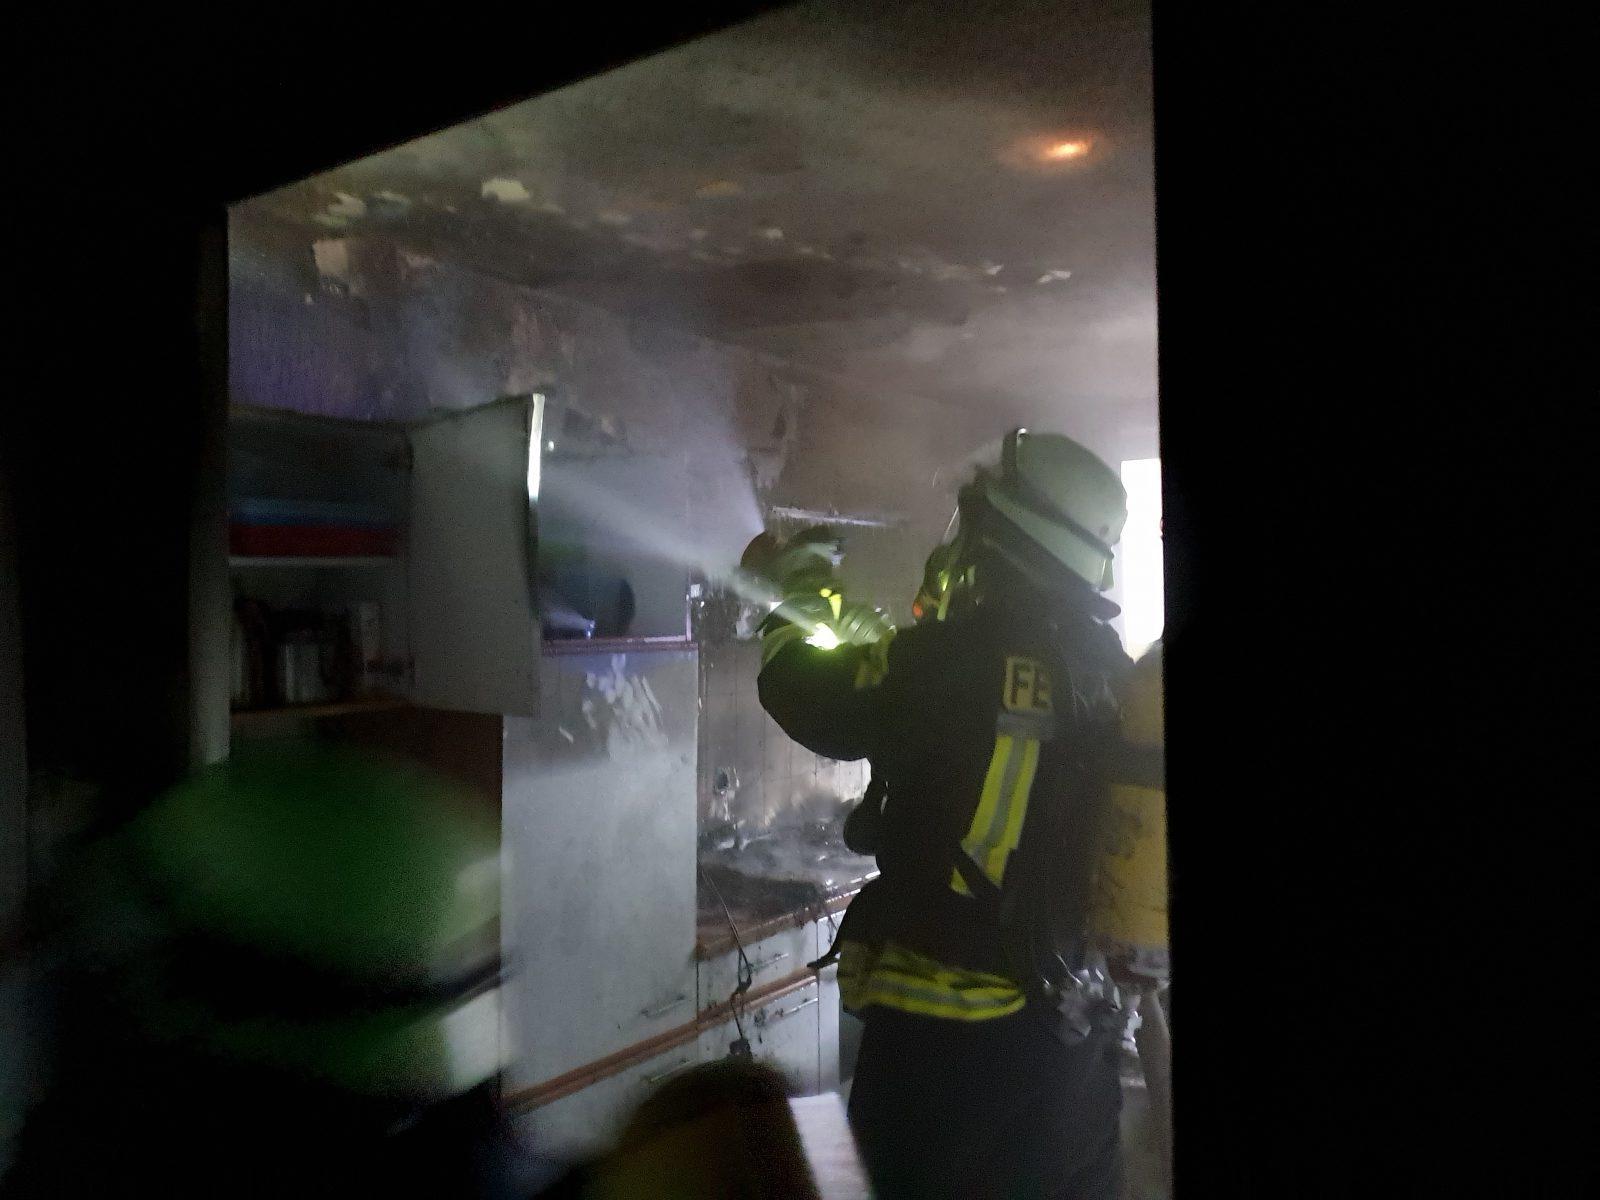 Brandeinsatz am Vereinsheim am Paul Falke Platz in Schmallenberg – schnelles Eingreifen verhindert großen Schaden